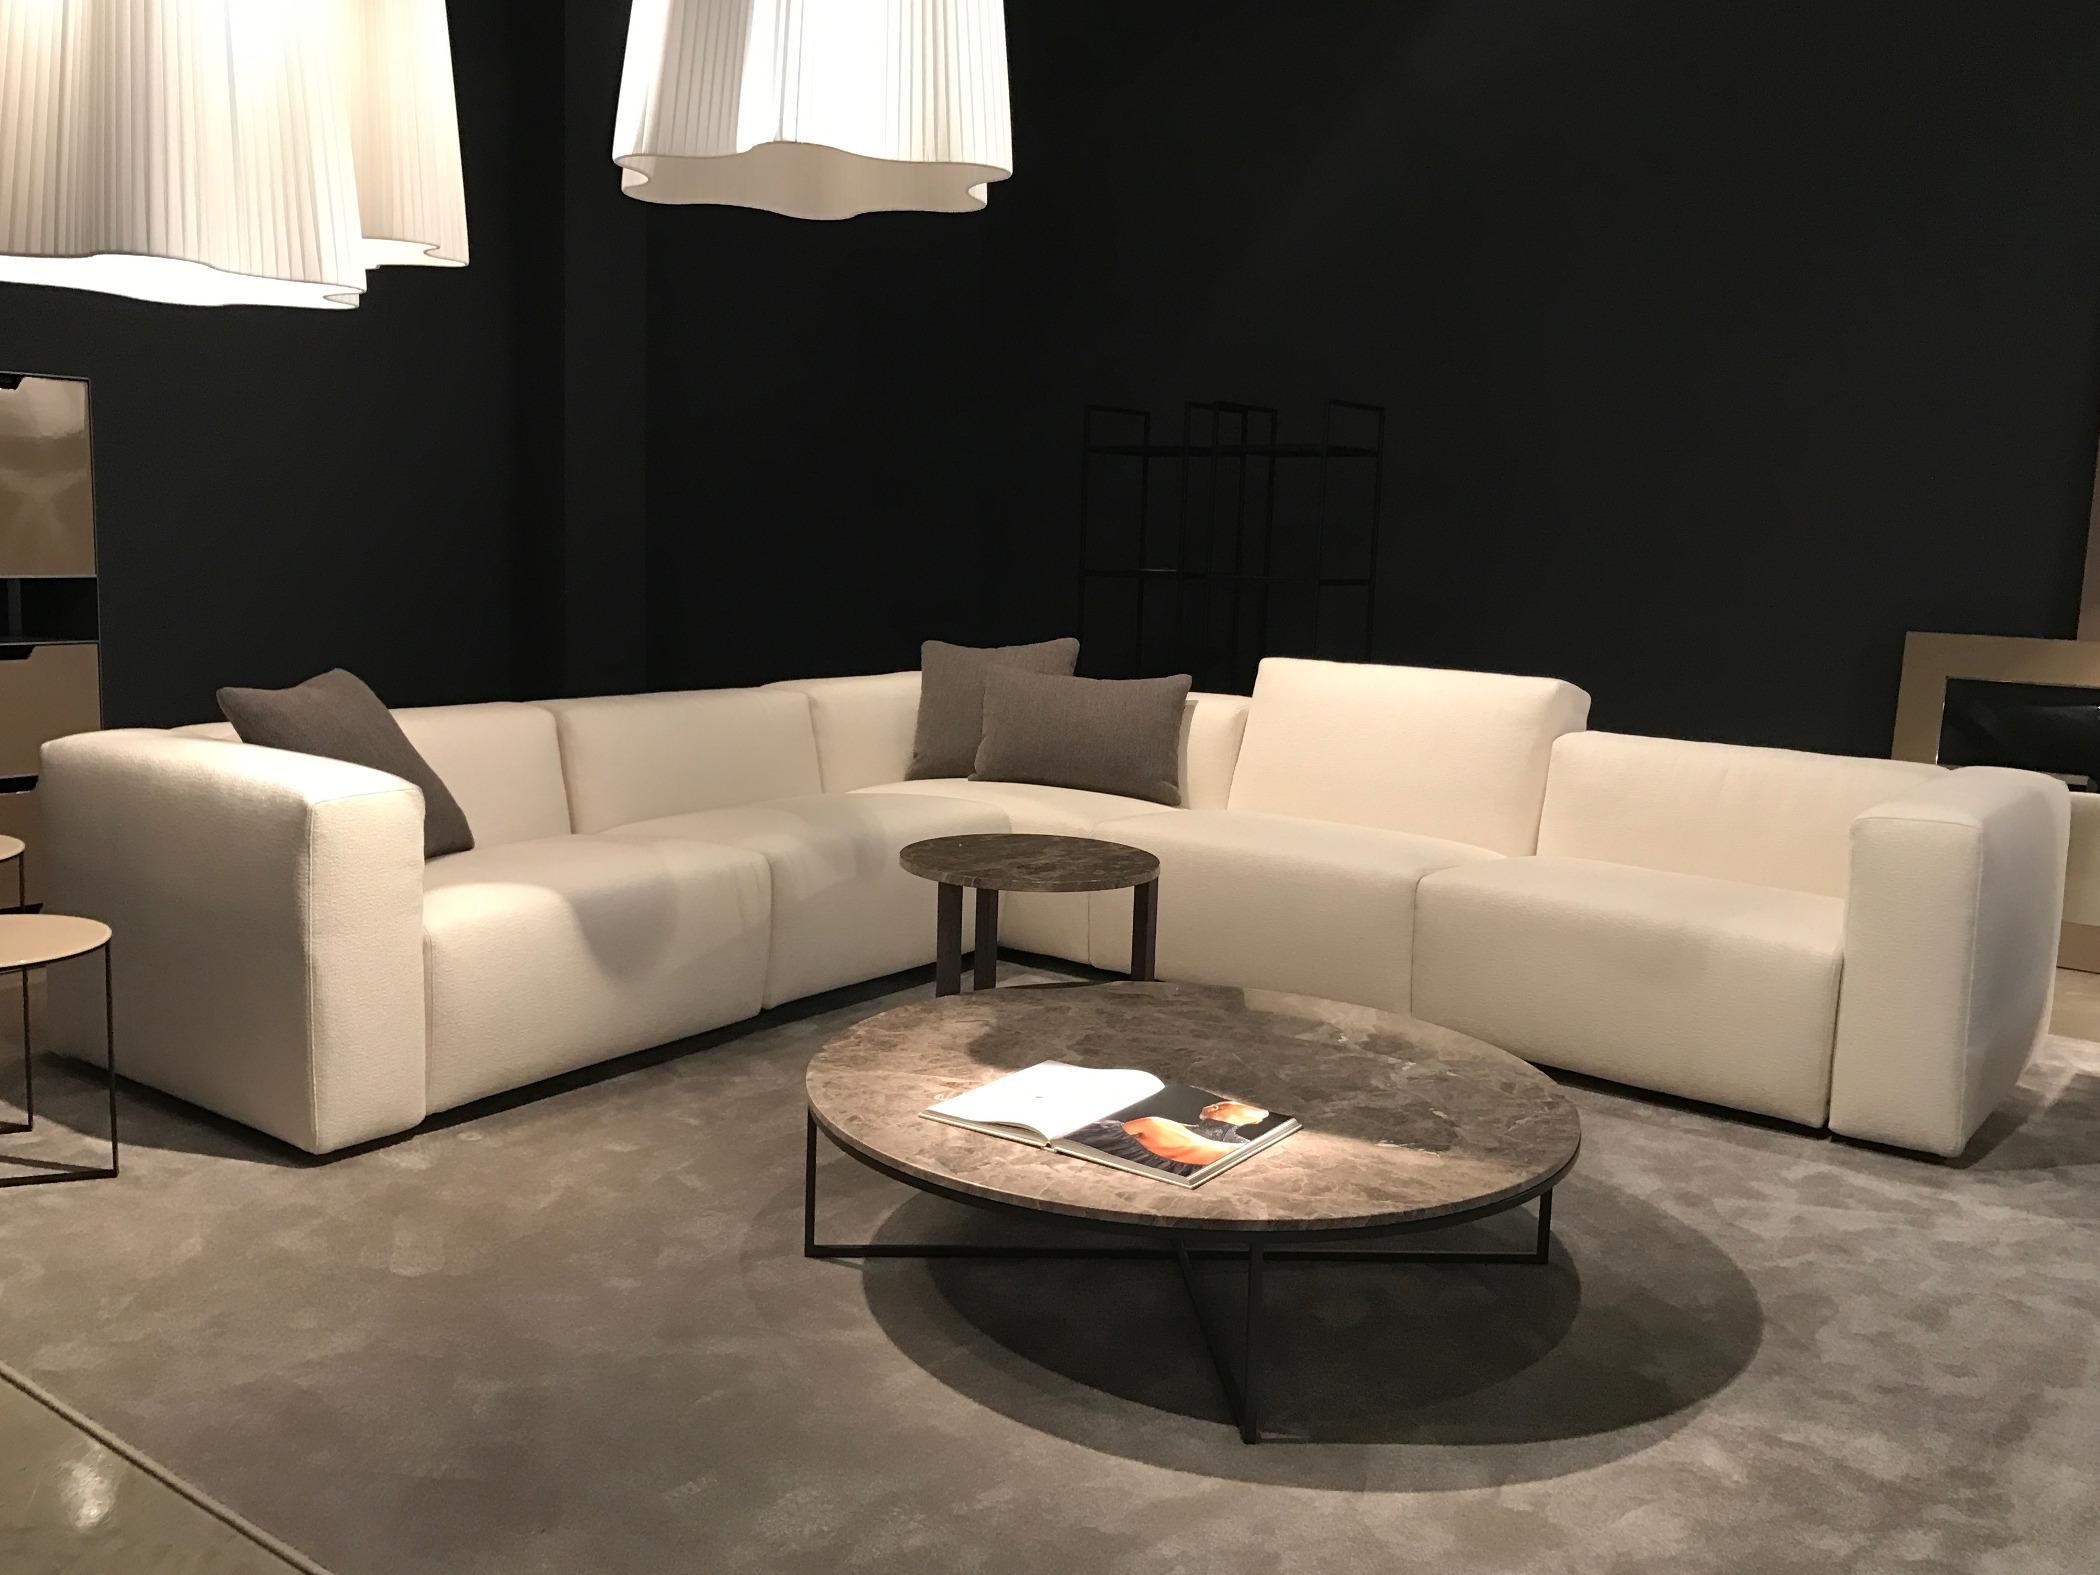 Divano angolare design divano angolare con penisola tonda - Divano roche bobois usato ...